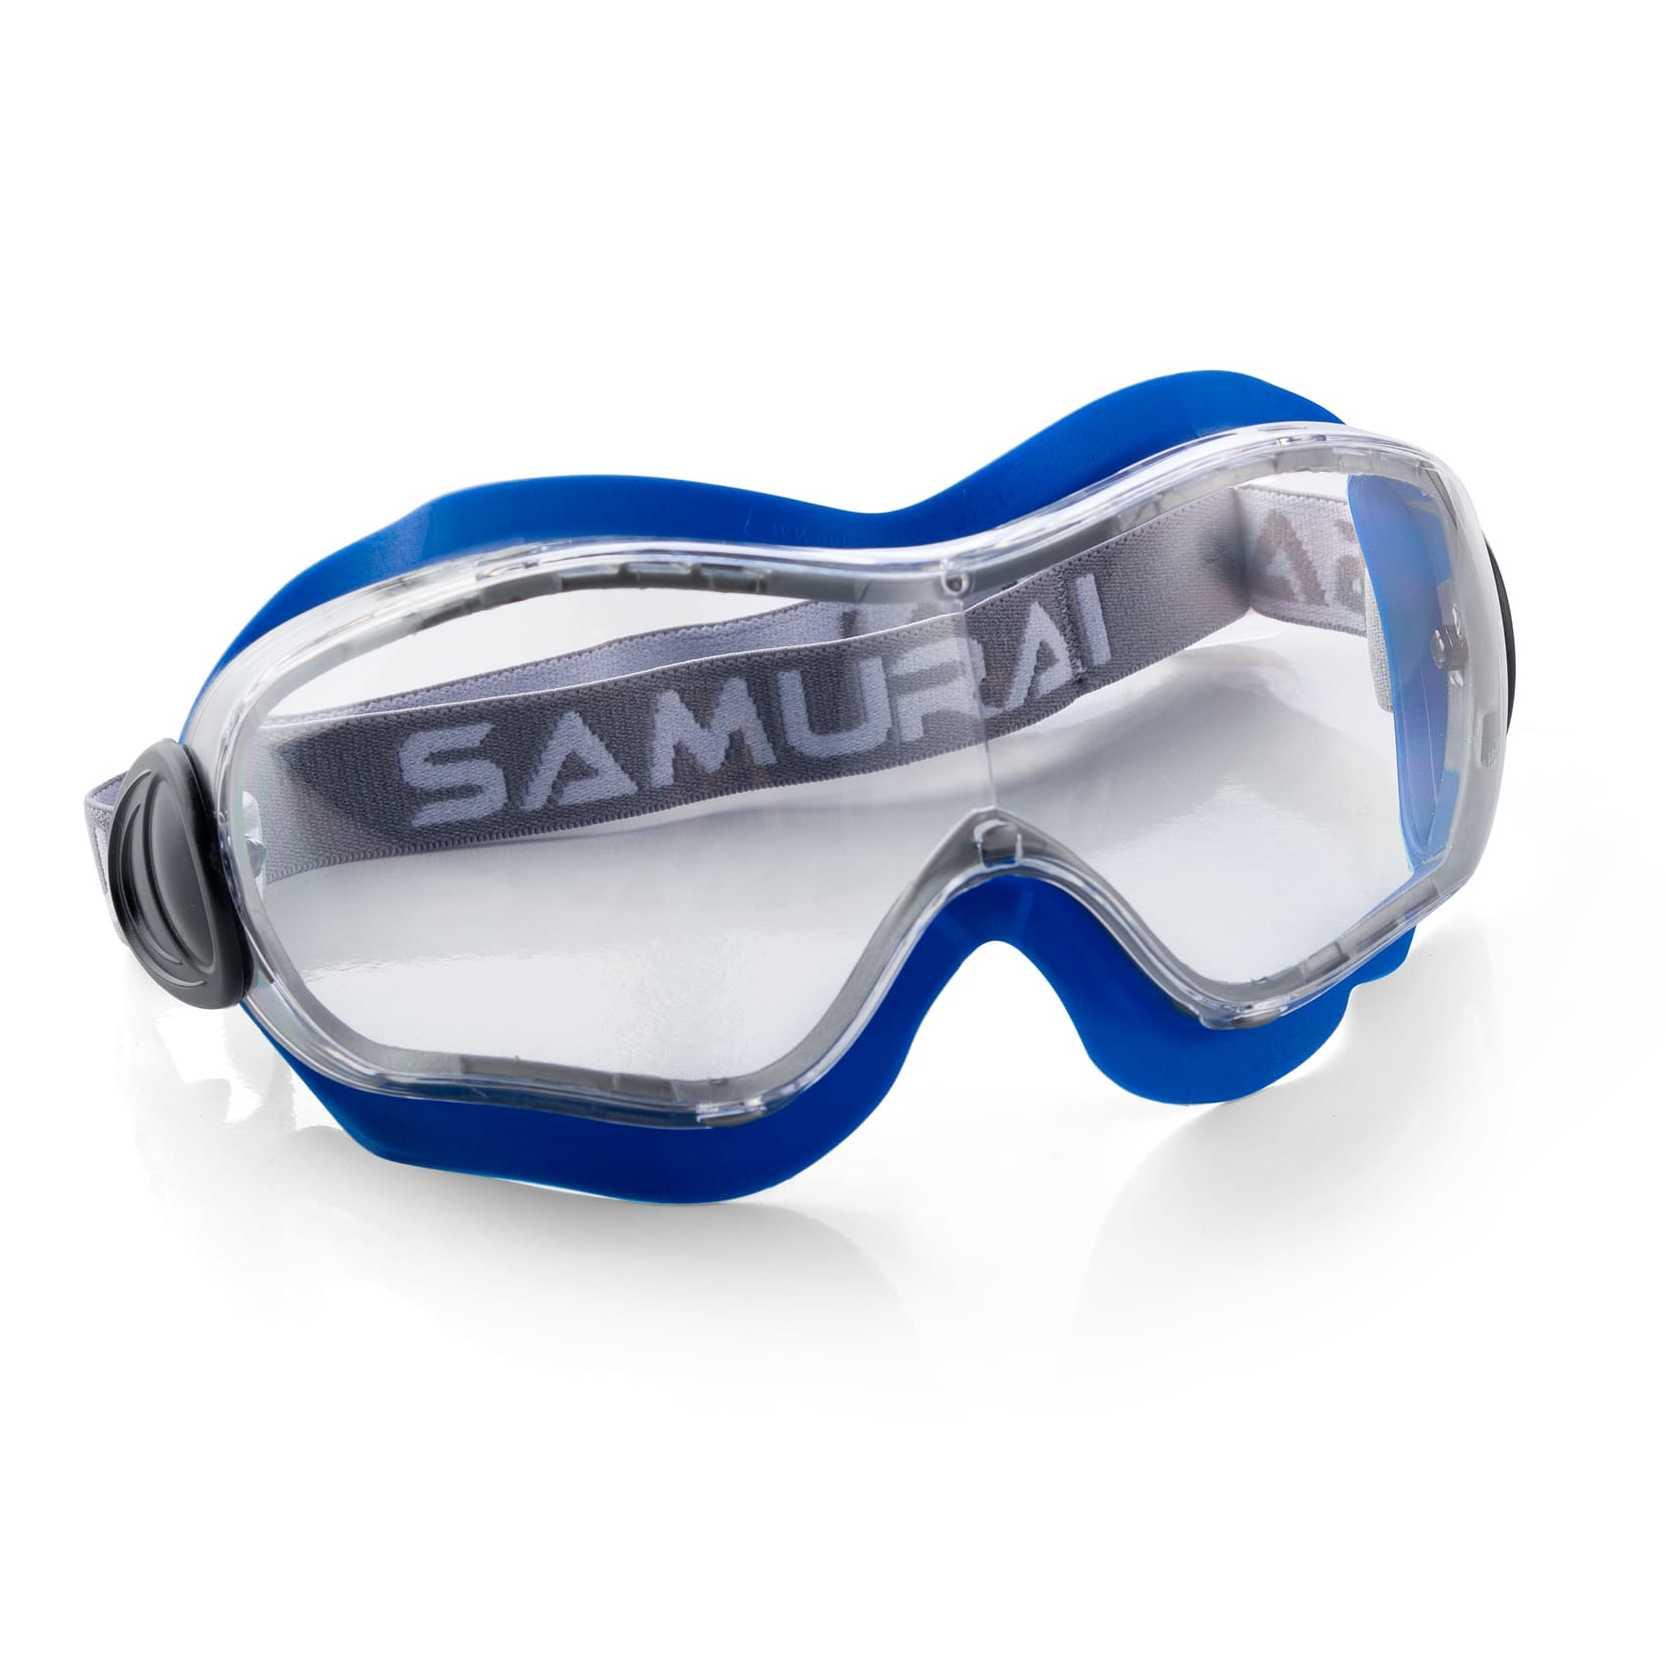 samurai iş gözlüğü